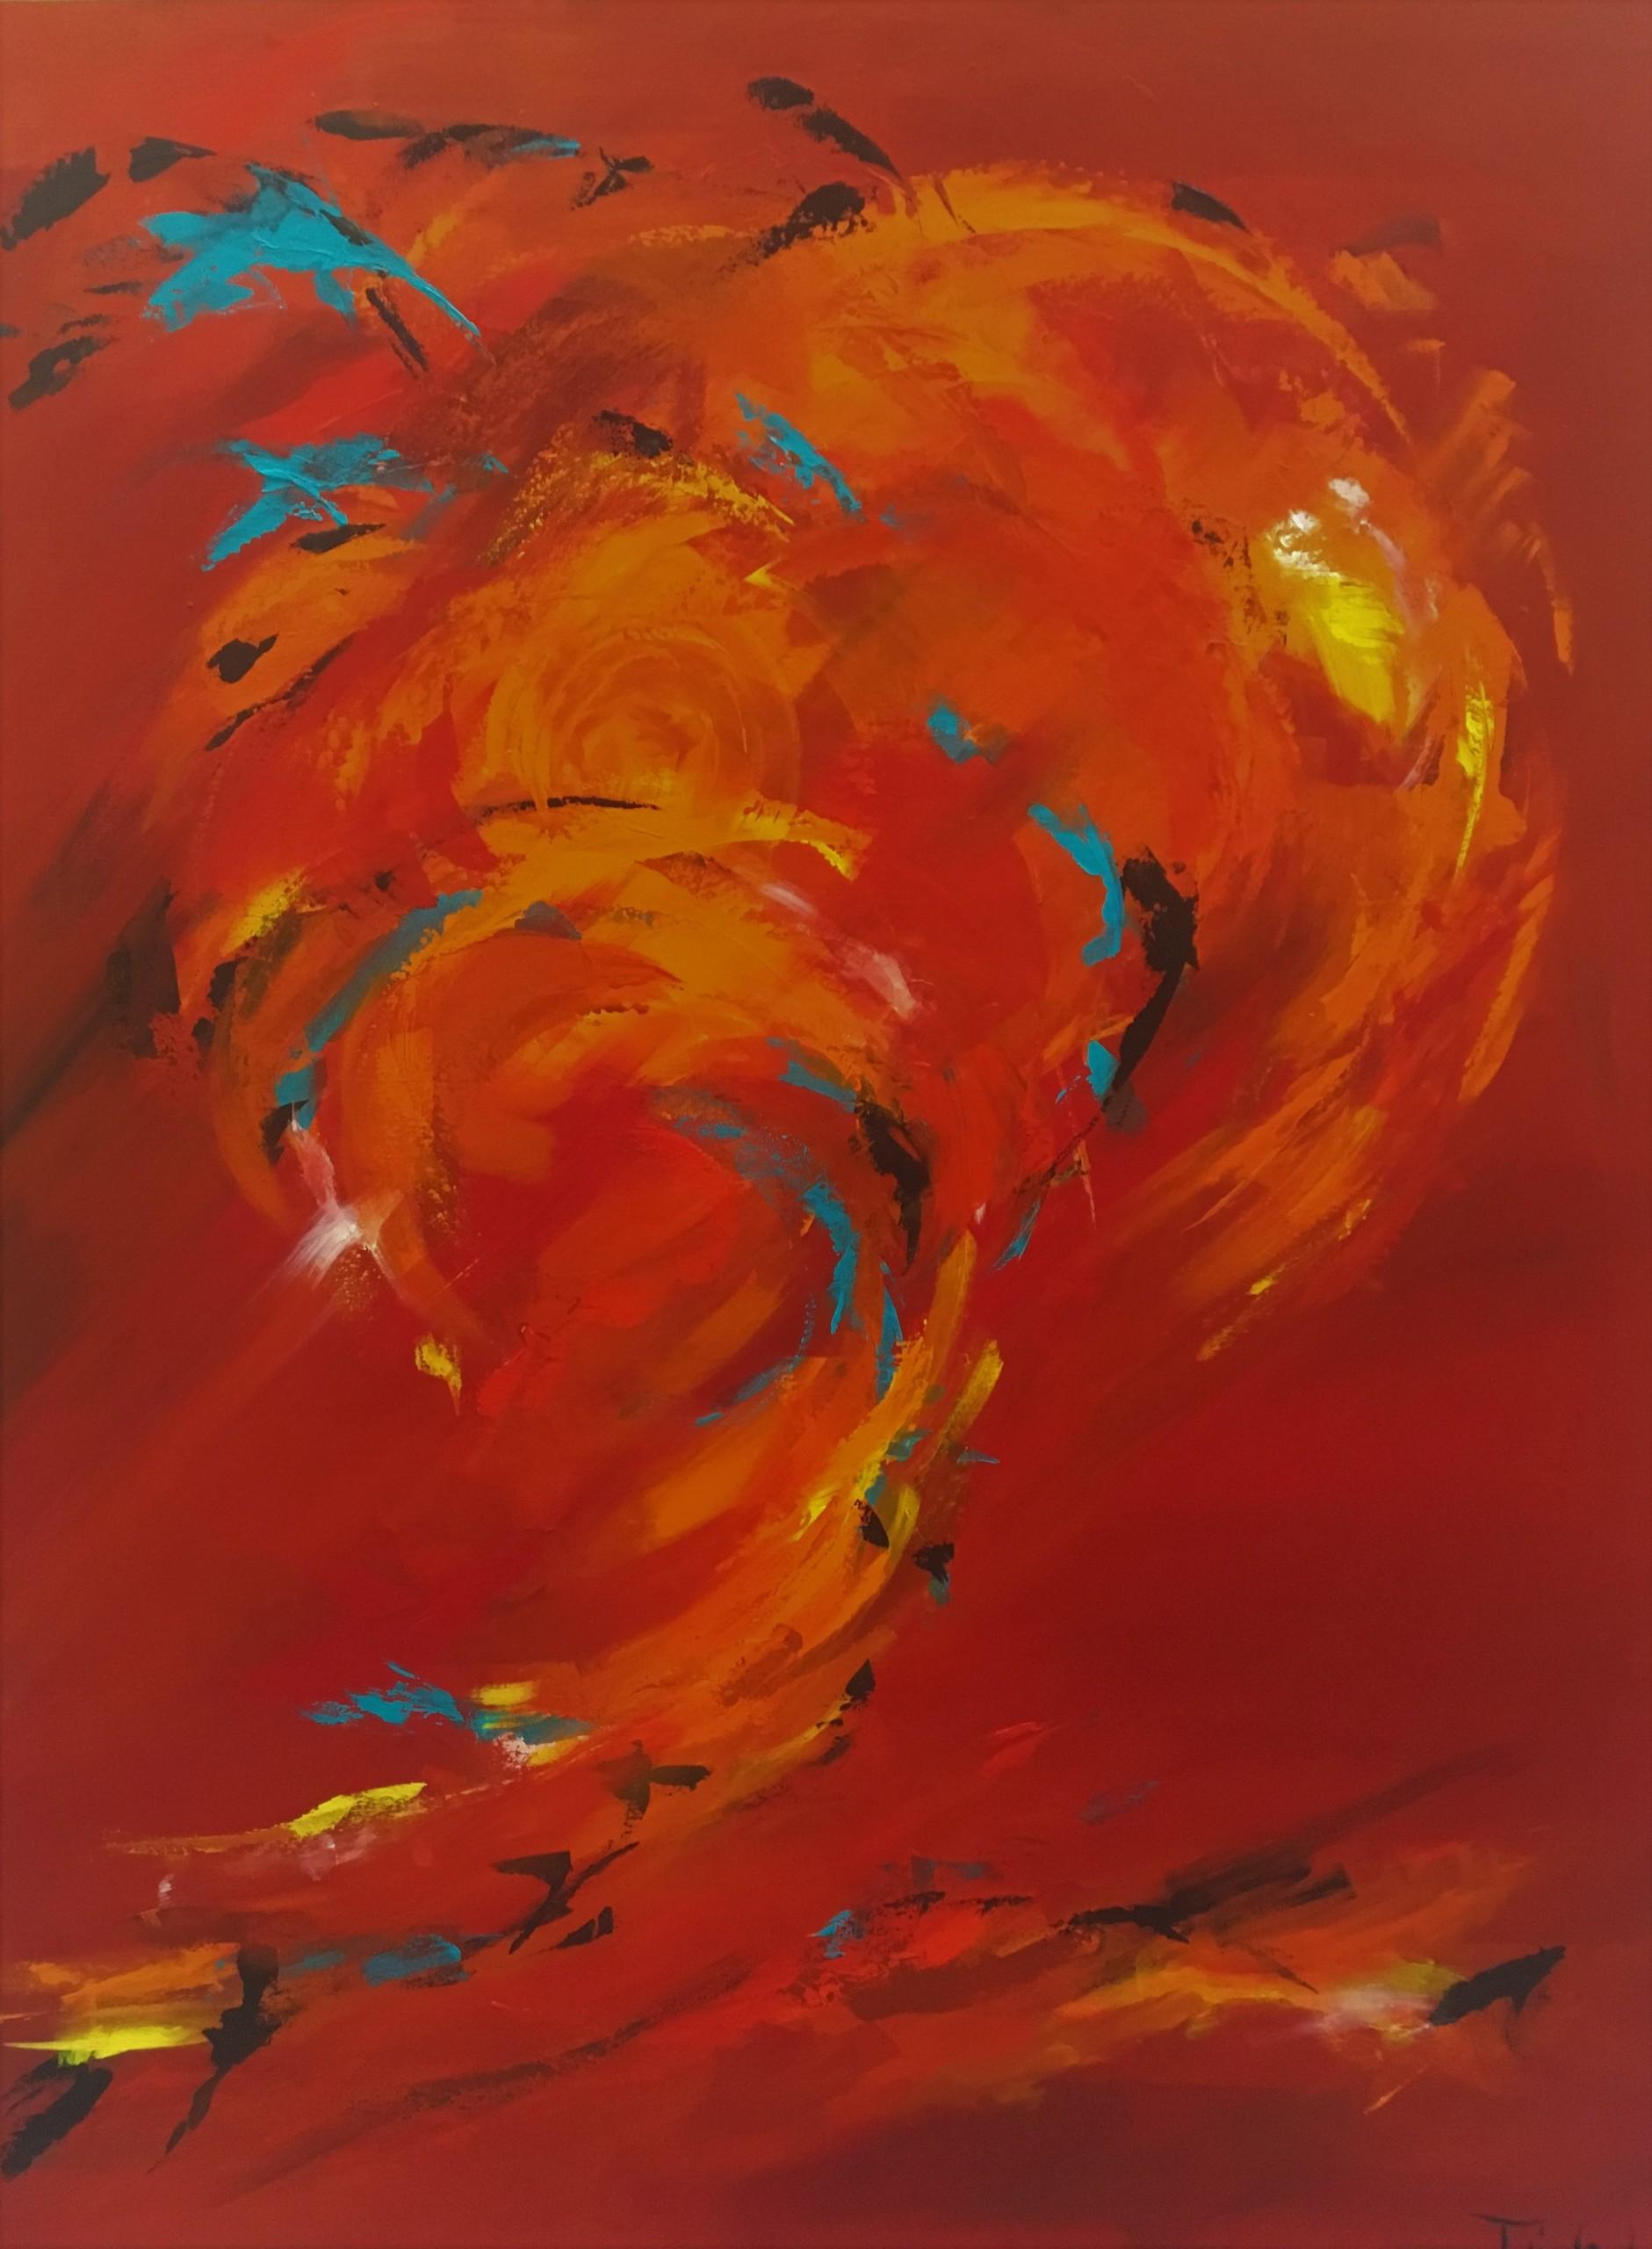 Efterårsløvet glimter i solen i en  komposition af varme og rødlige nuancer.